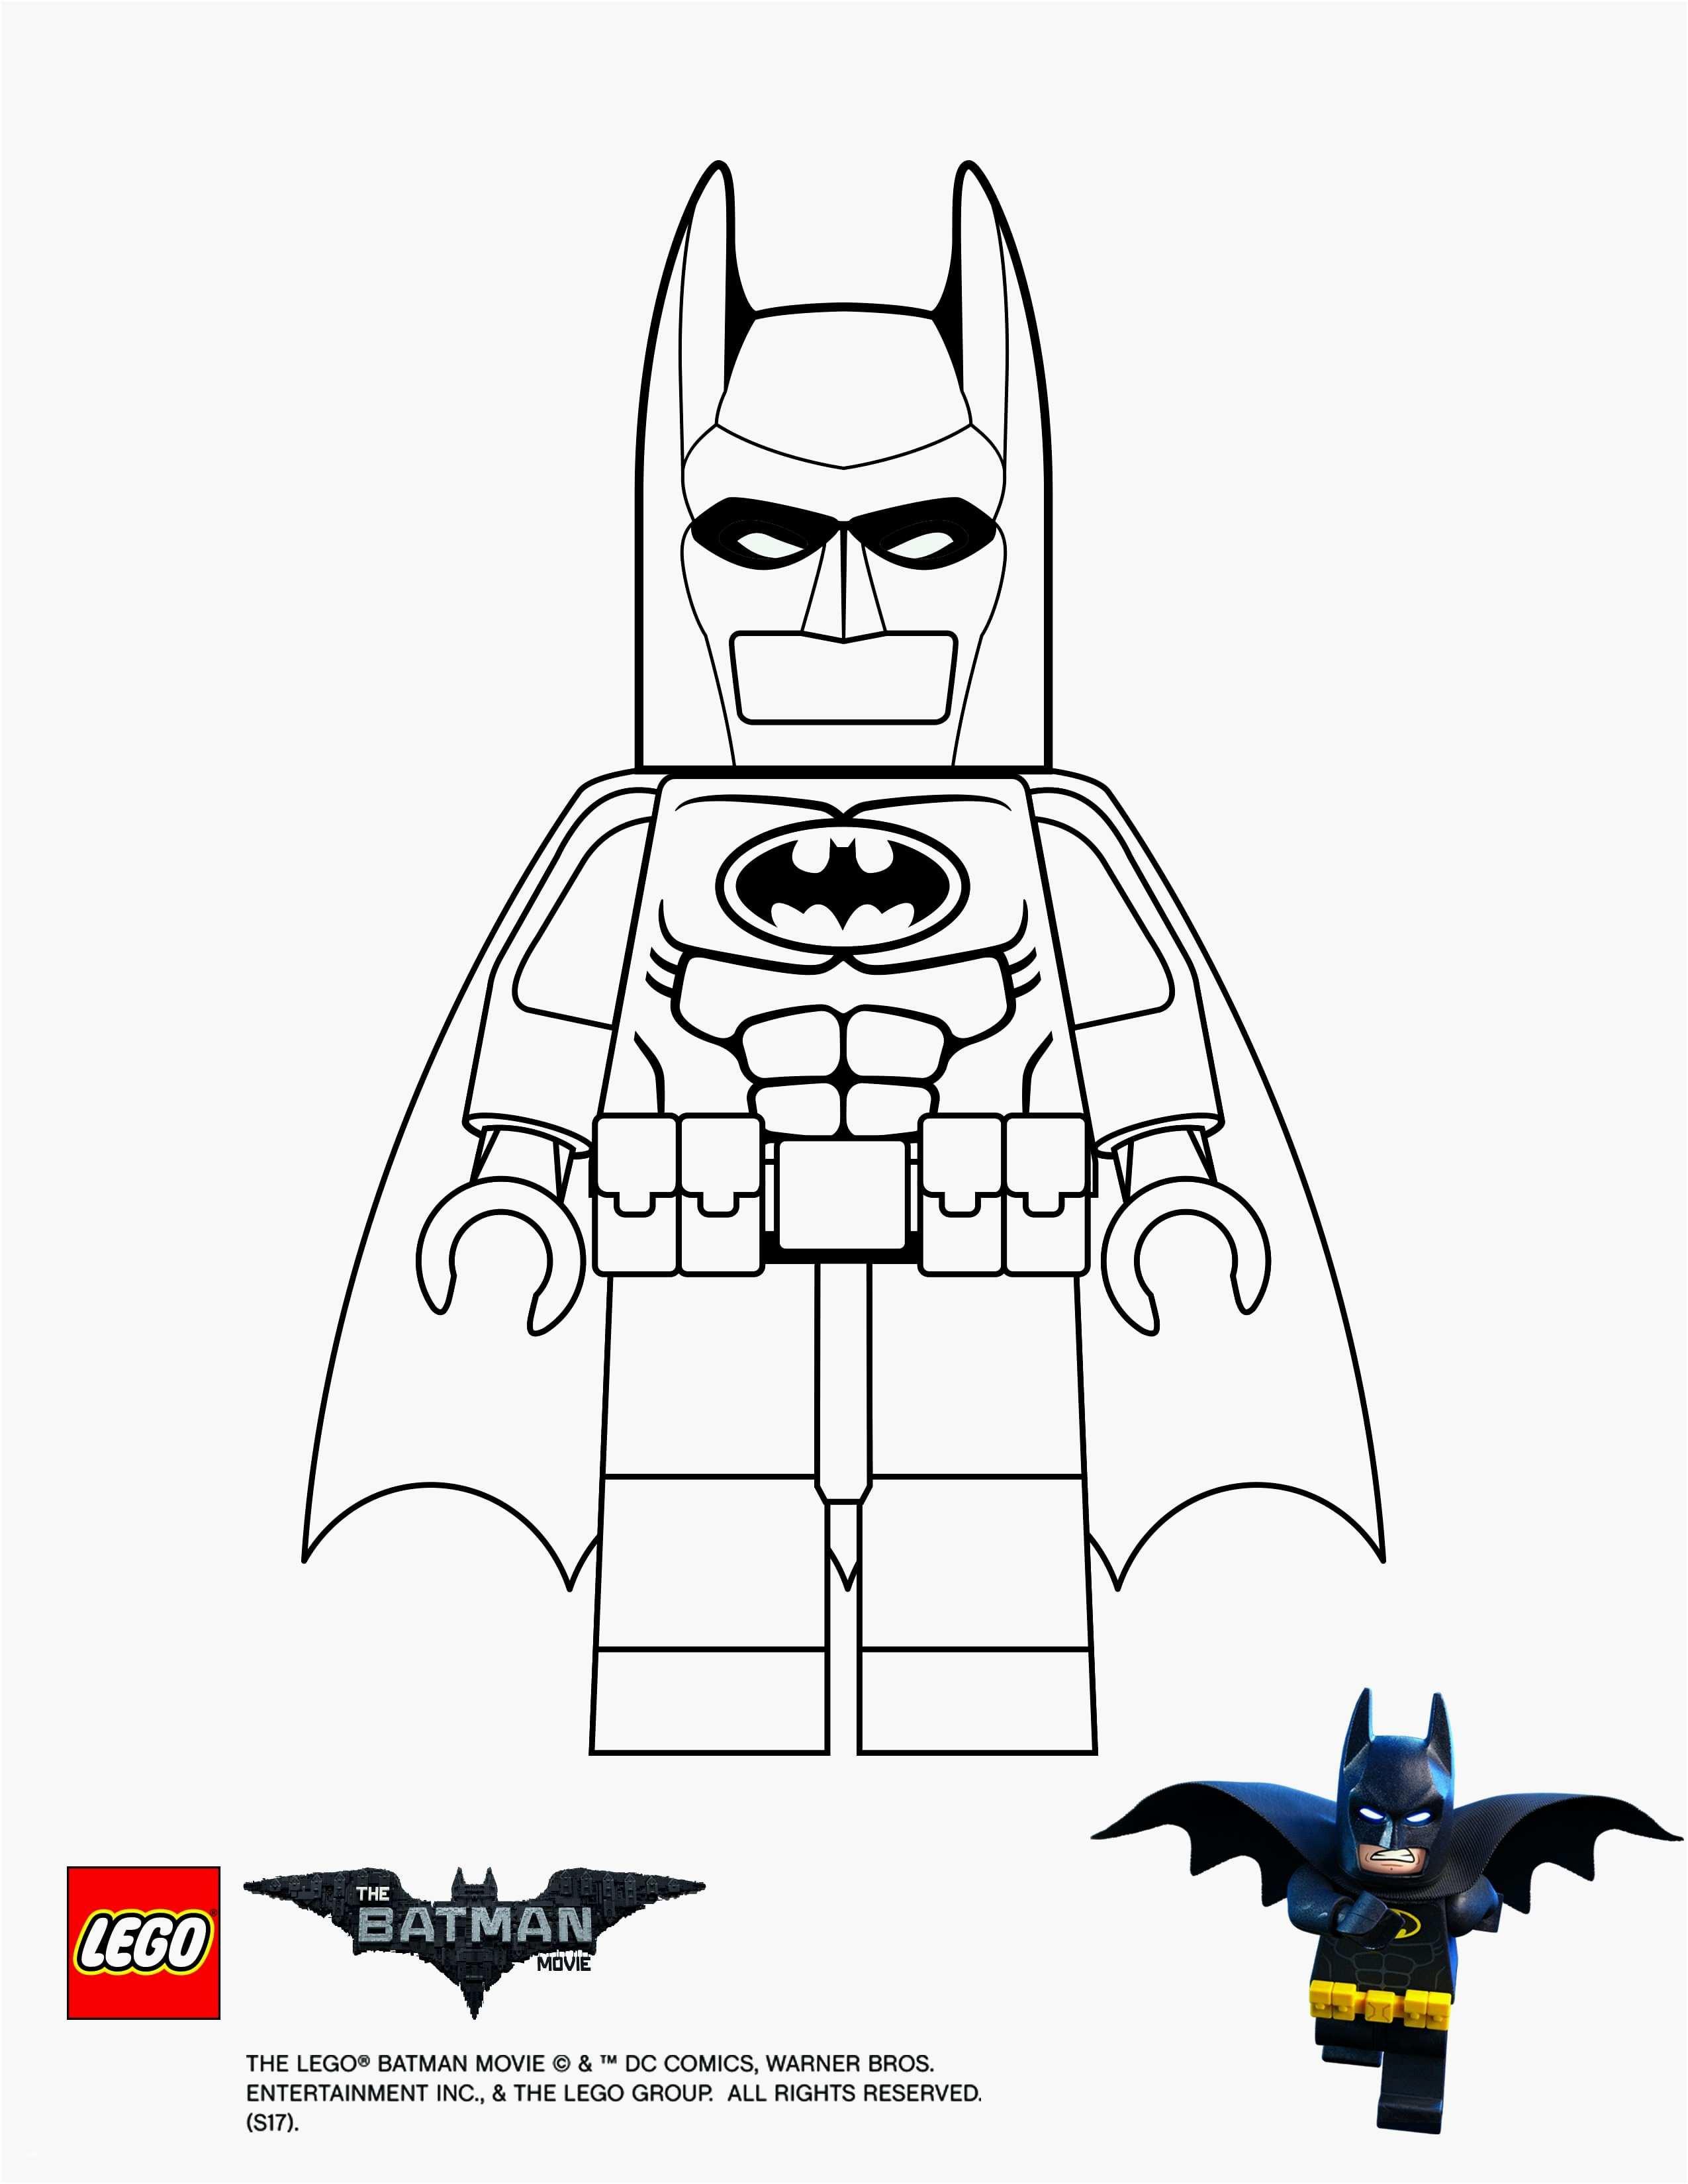 Lego Ninjago Bilder Zum Ausdrucken Inspirierend Lego Ninjago Birthday Banner Inspirational Genial Ausmalbilder Schön Das Bild